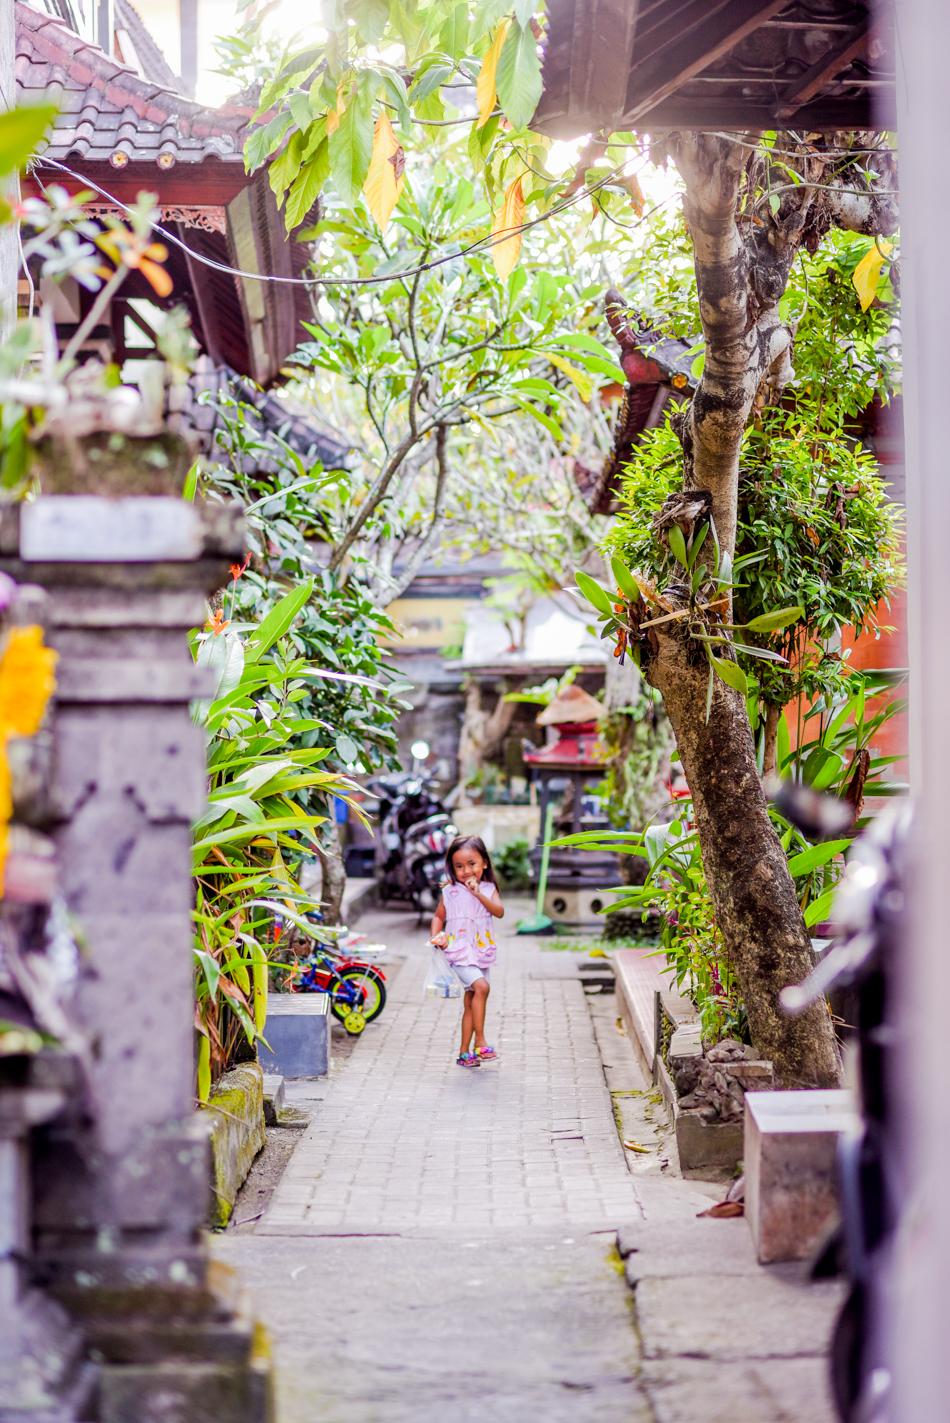 Bali-Honeymoon-Travel-AnaisStoelen-21.jpg